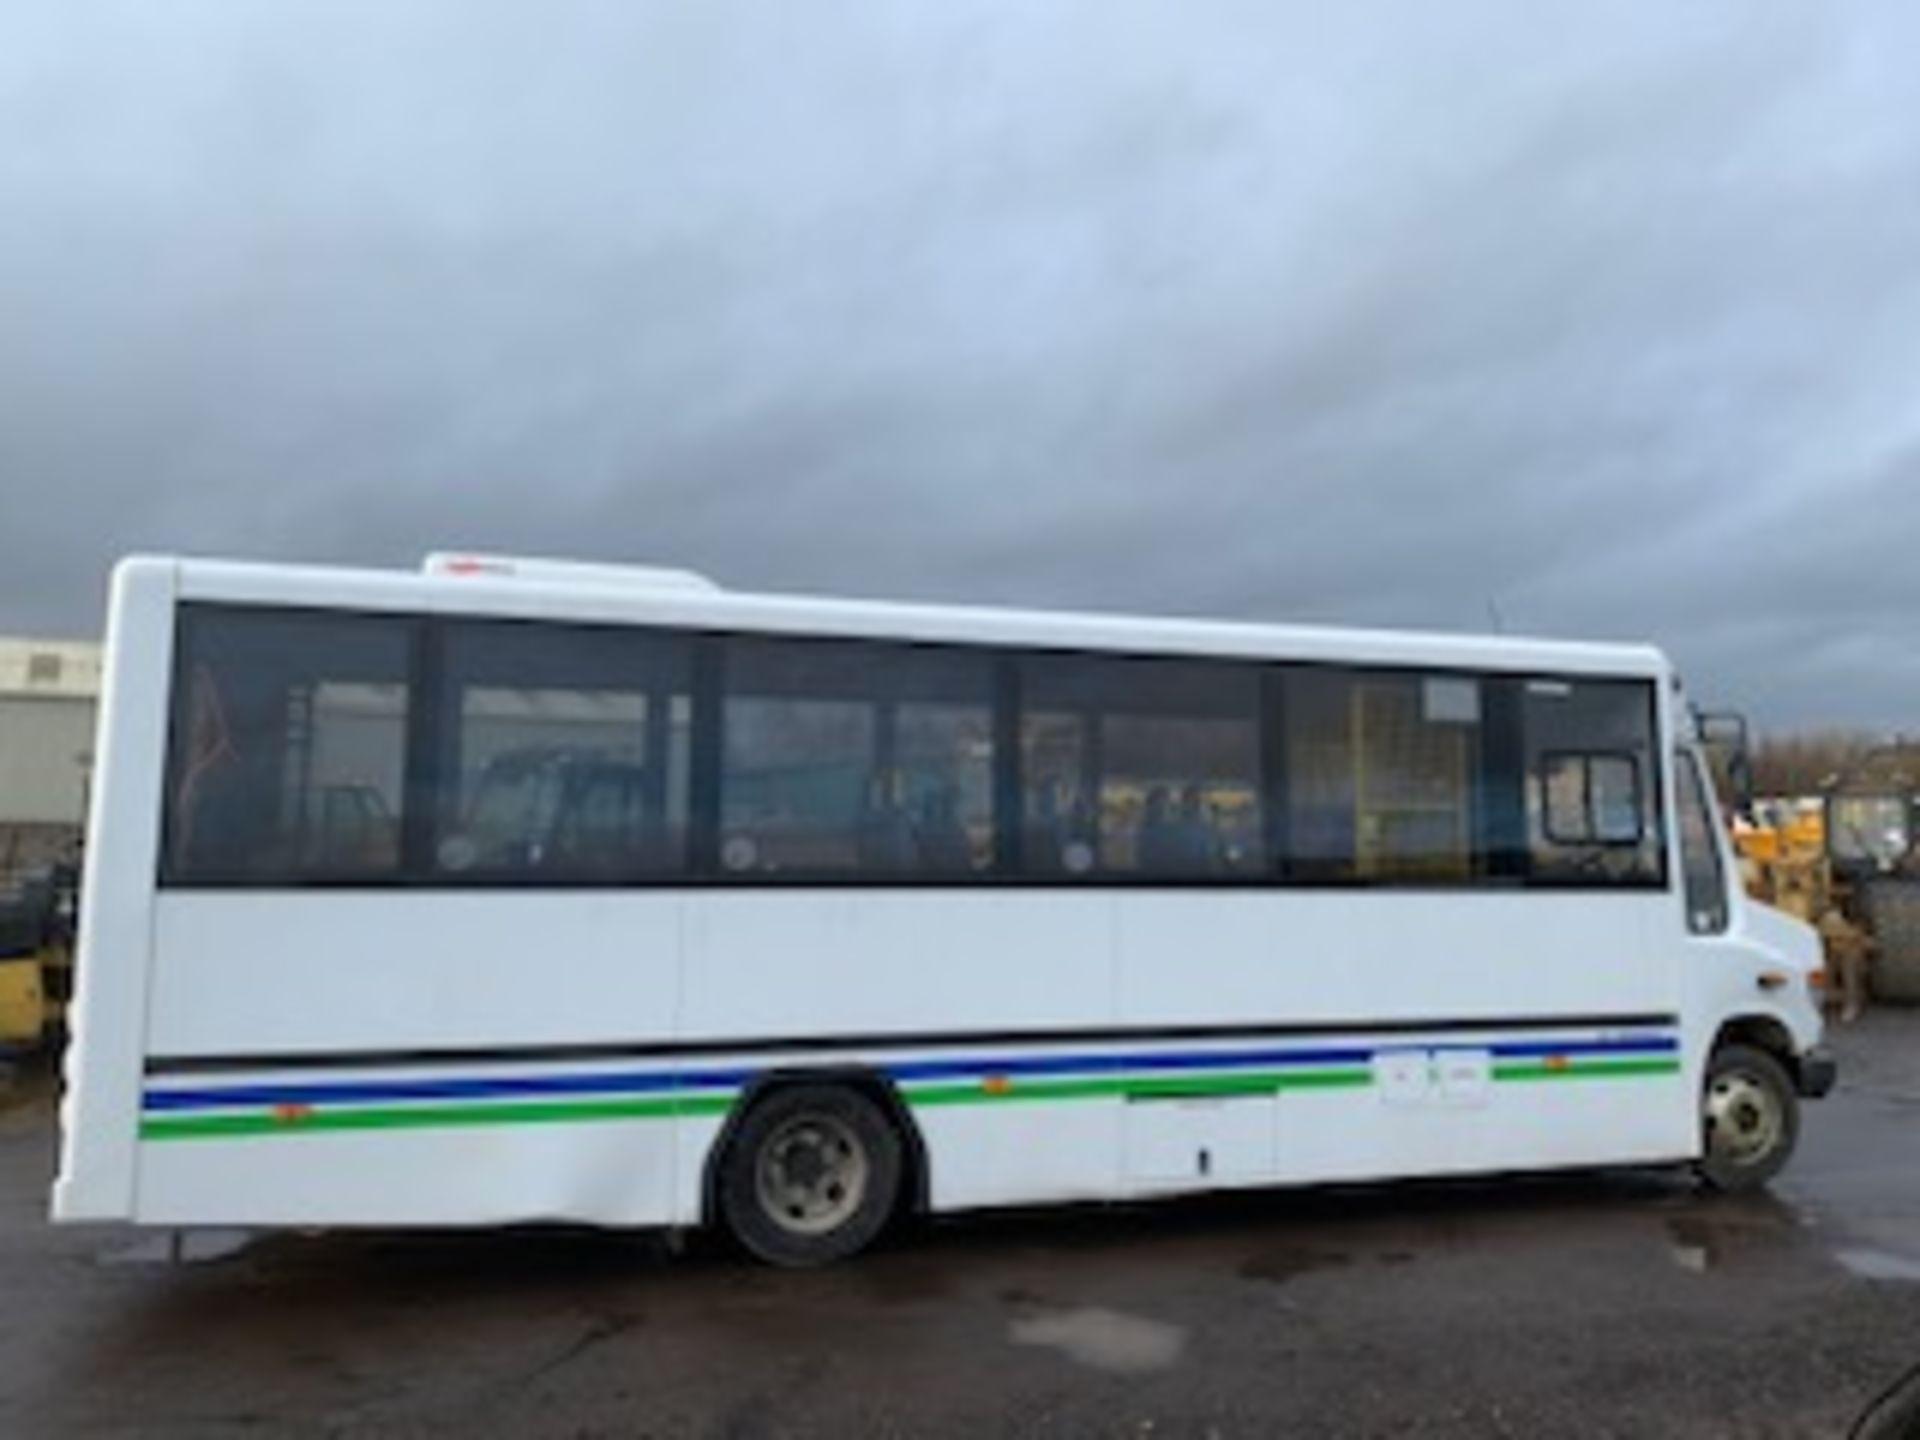 Lot 1724 - MERCEDES VARIO - 4249cc